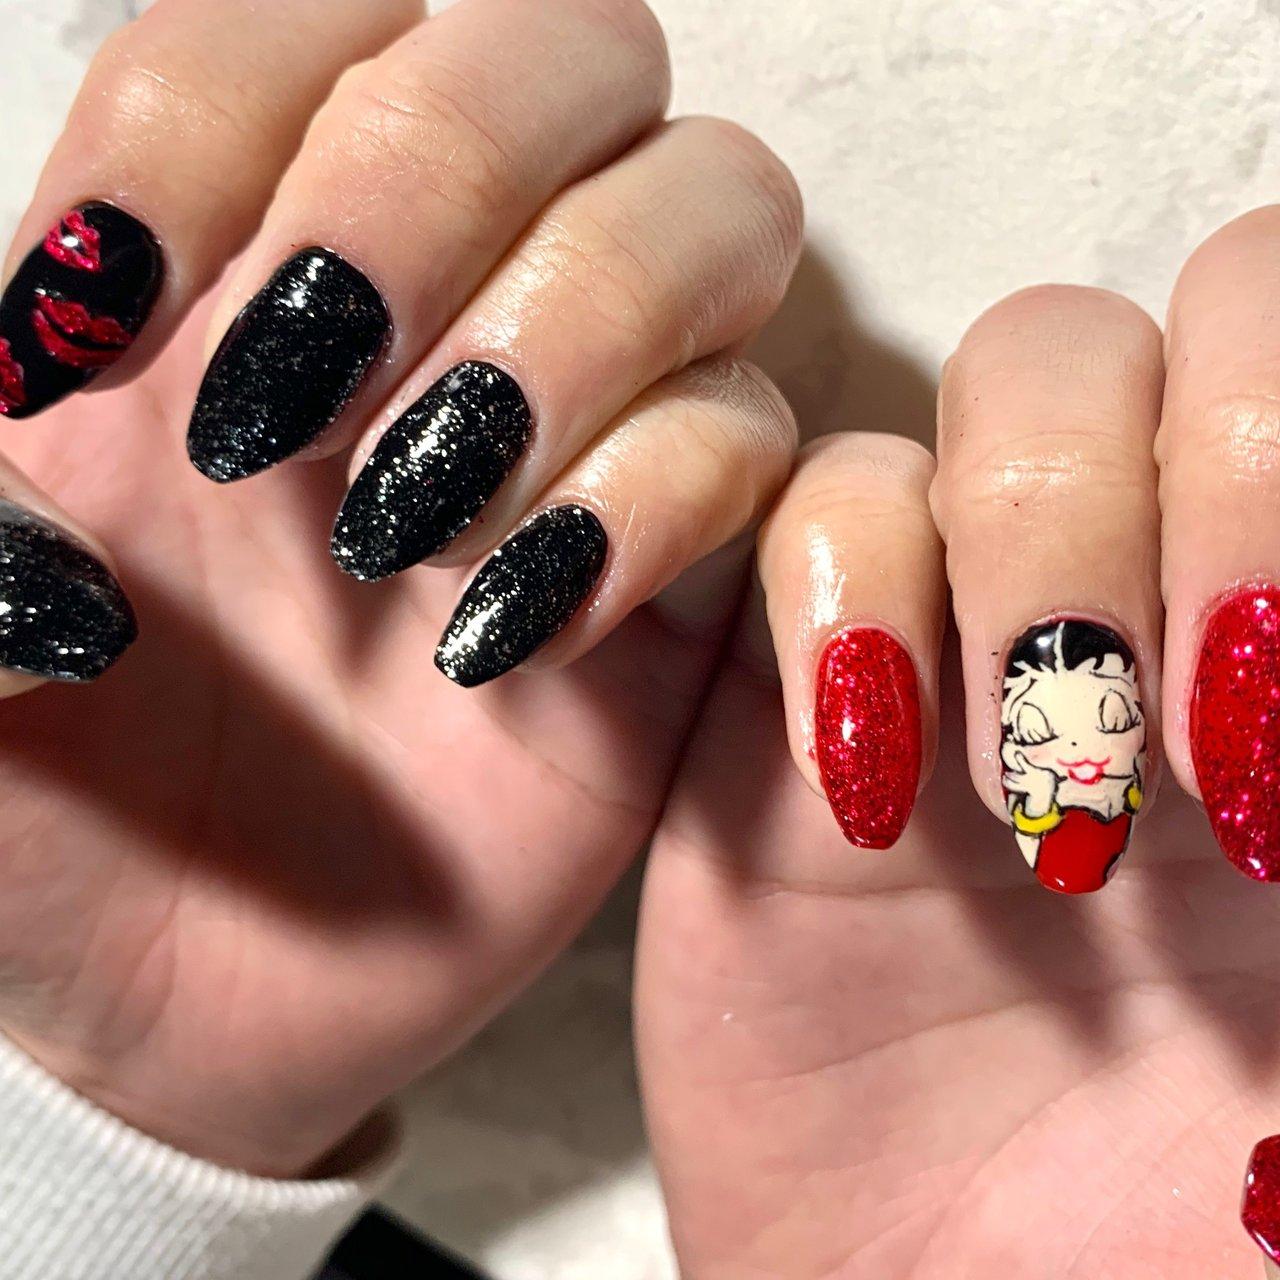 #キャラネイル#ベティーちゃん #Betty Boop#ラメネイル#ワンカラーネイル#キラキラネイル #mio.nail20 #ネイルブック